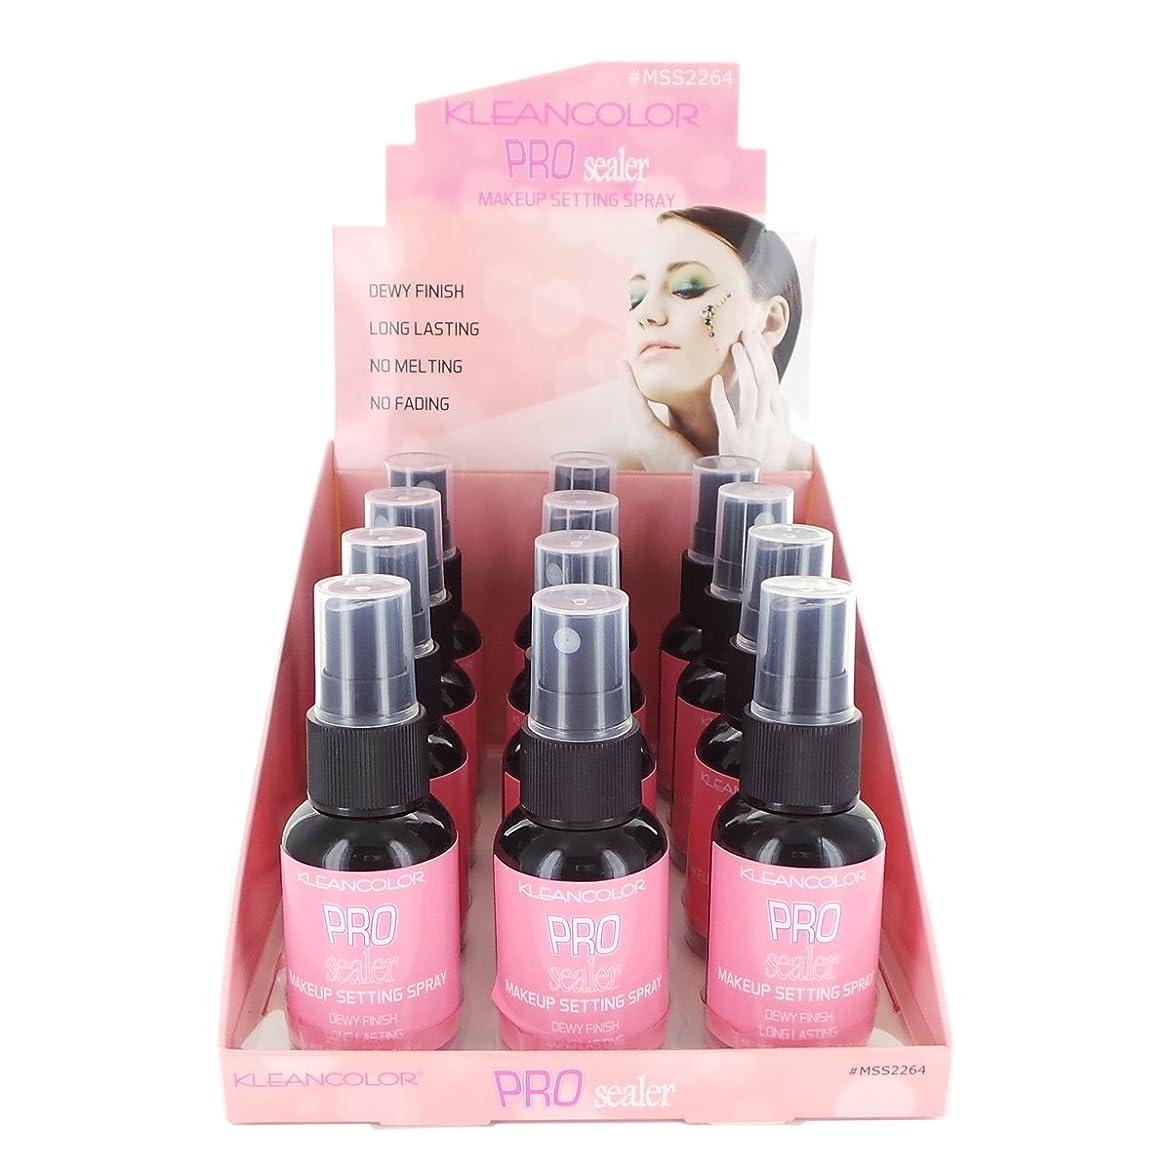 本能スカリーソビエトKLEANCOLOR Pro Sealer Makeup Setting Spray Display Set, 12 Pieces (並行輸入品)